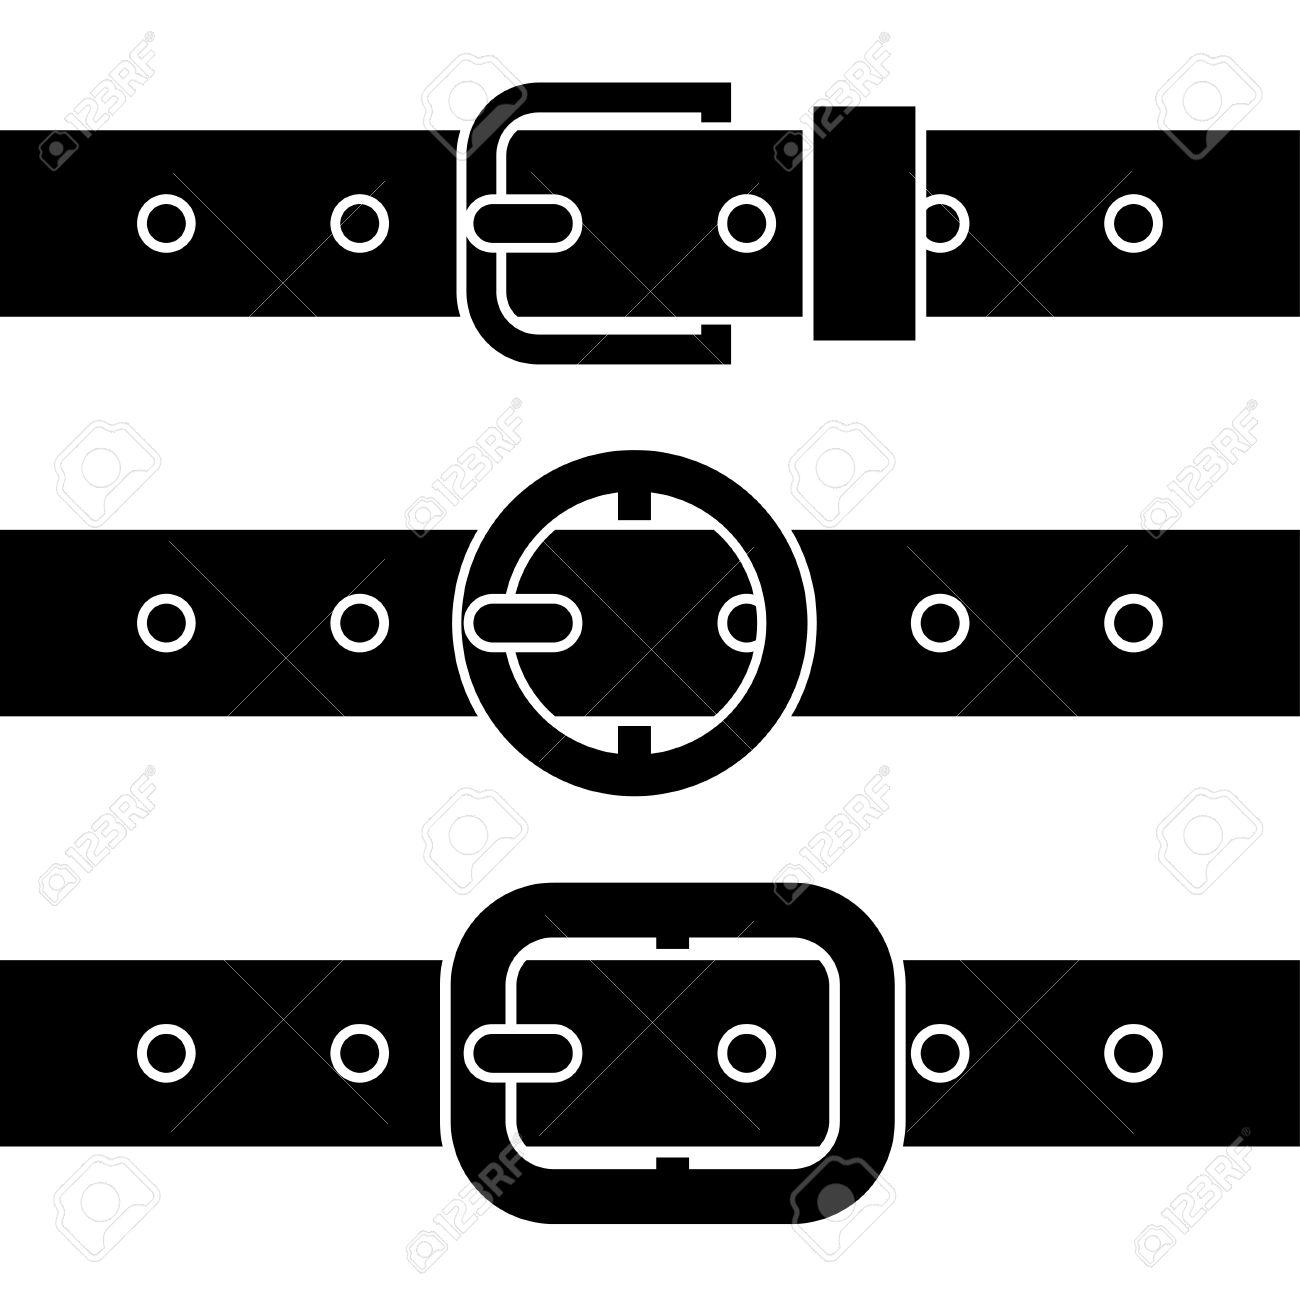 Buckle belt black symbols - 12485578